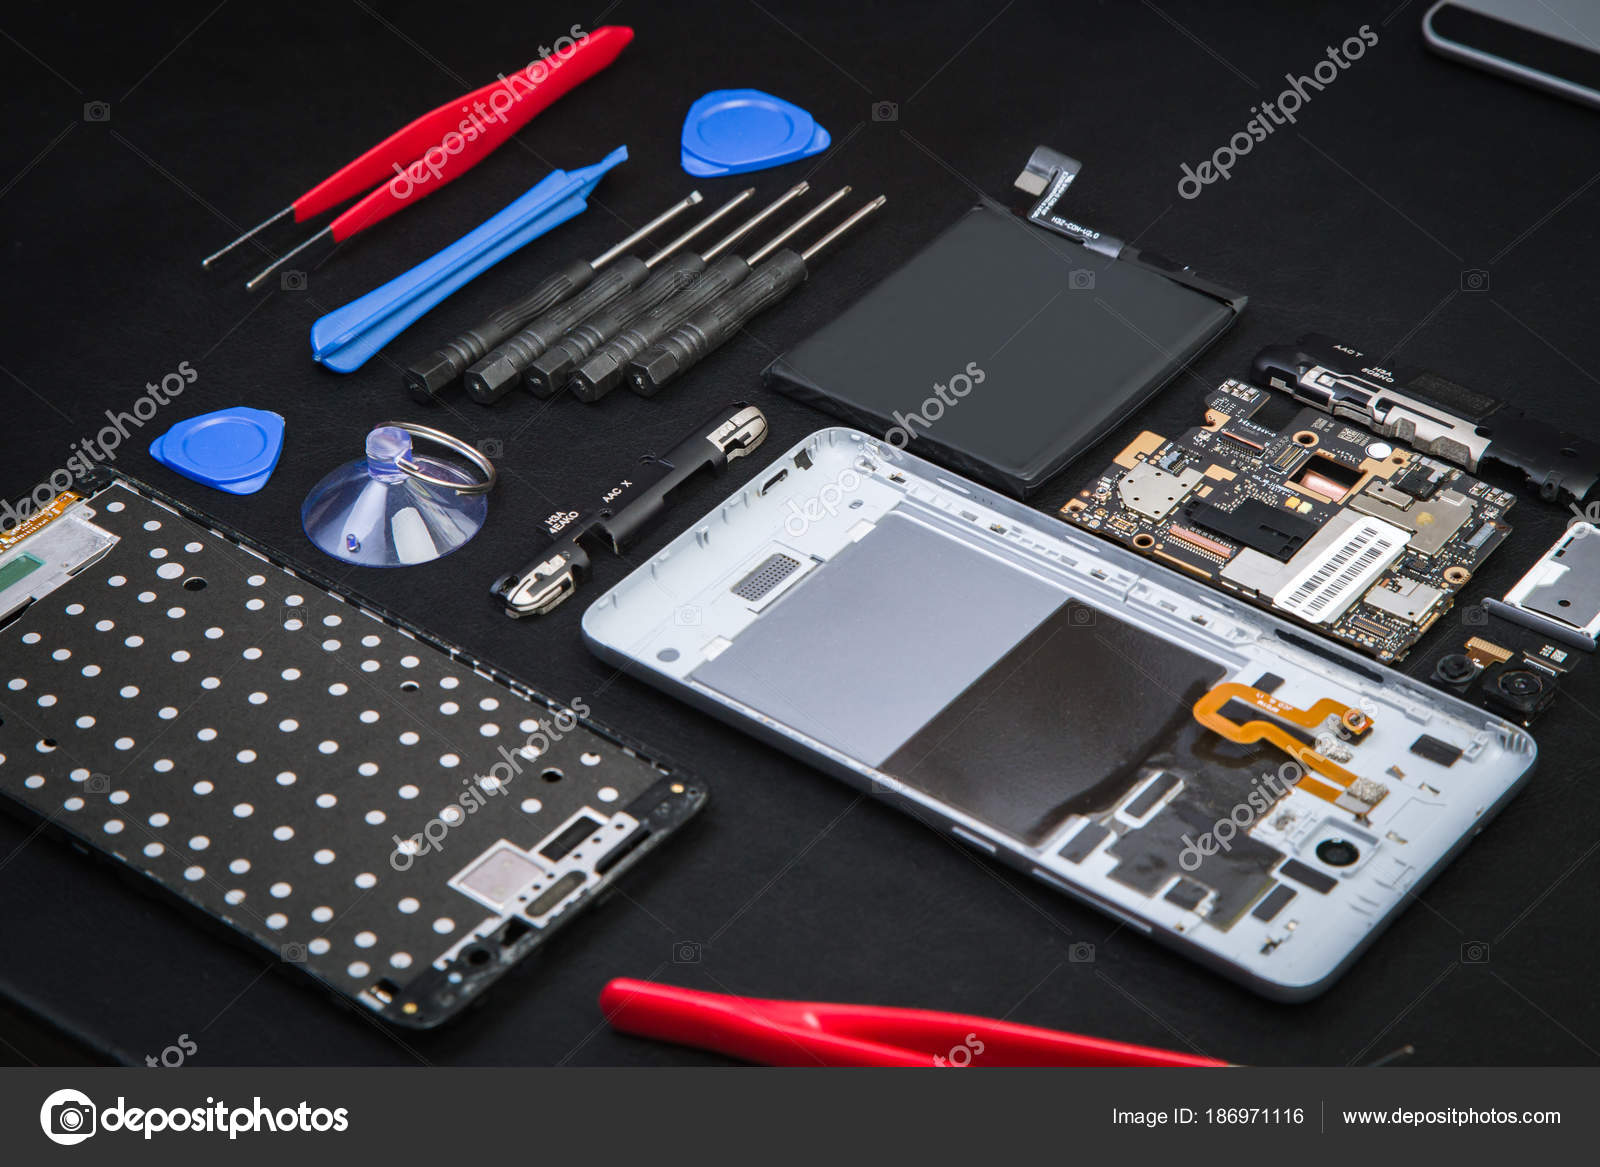 b3aa497434b Trabajo de reparador con smartphone desmontada y herramientas especiales  para ello. Roto el celular diagnóstico en centro de servicio - celular para  trabajo ...